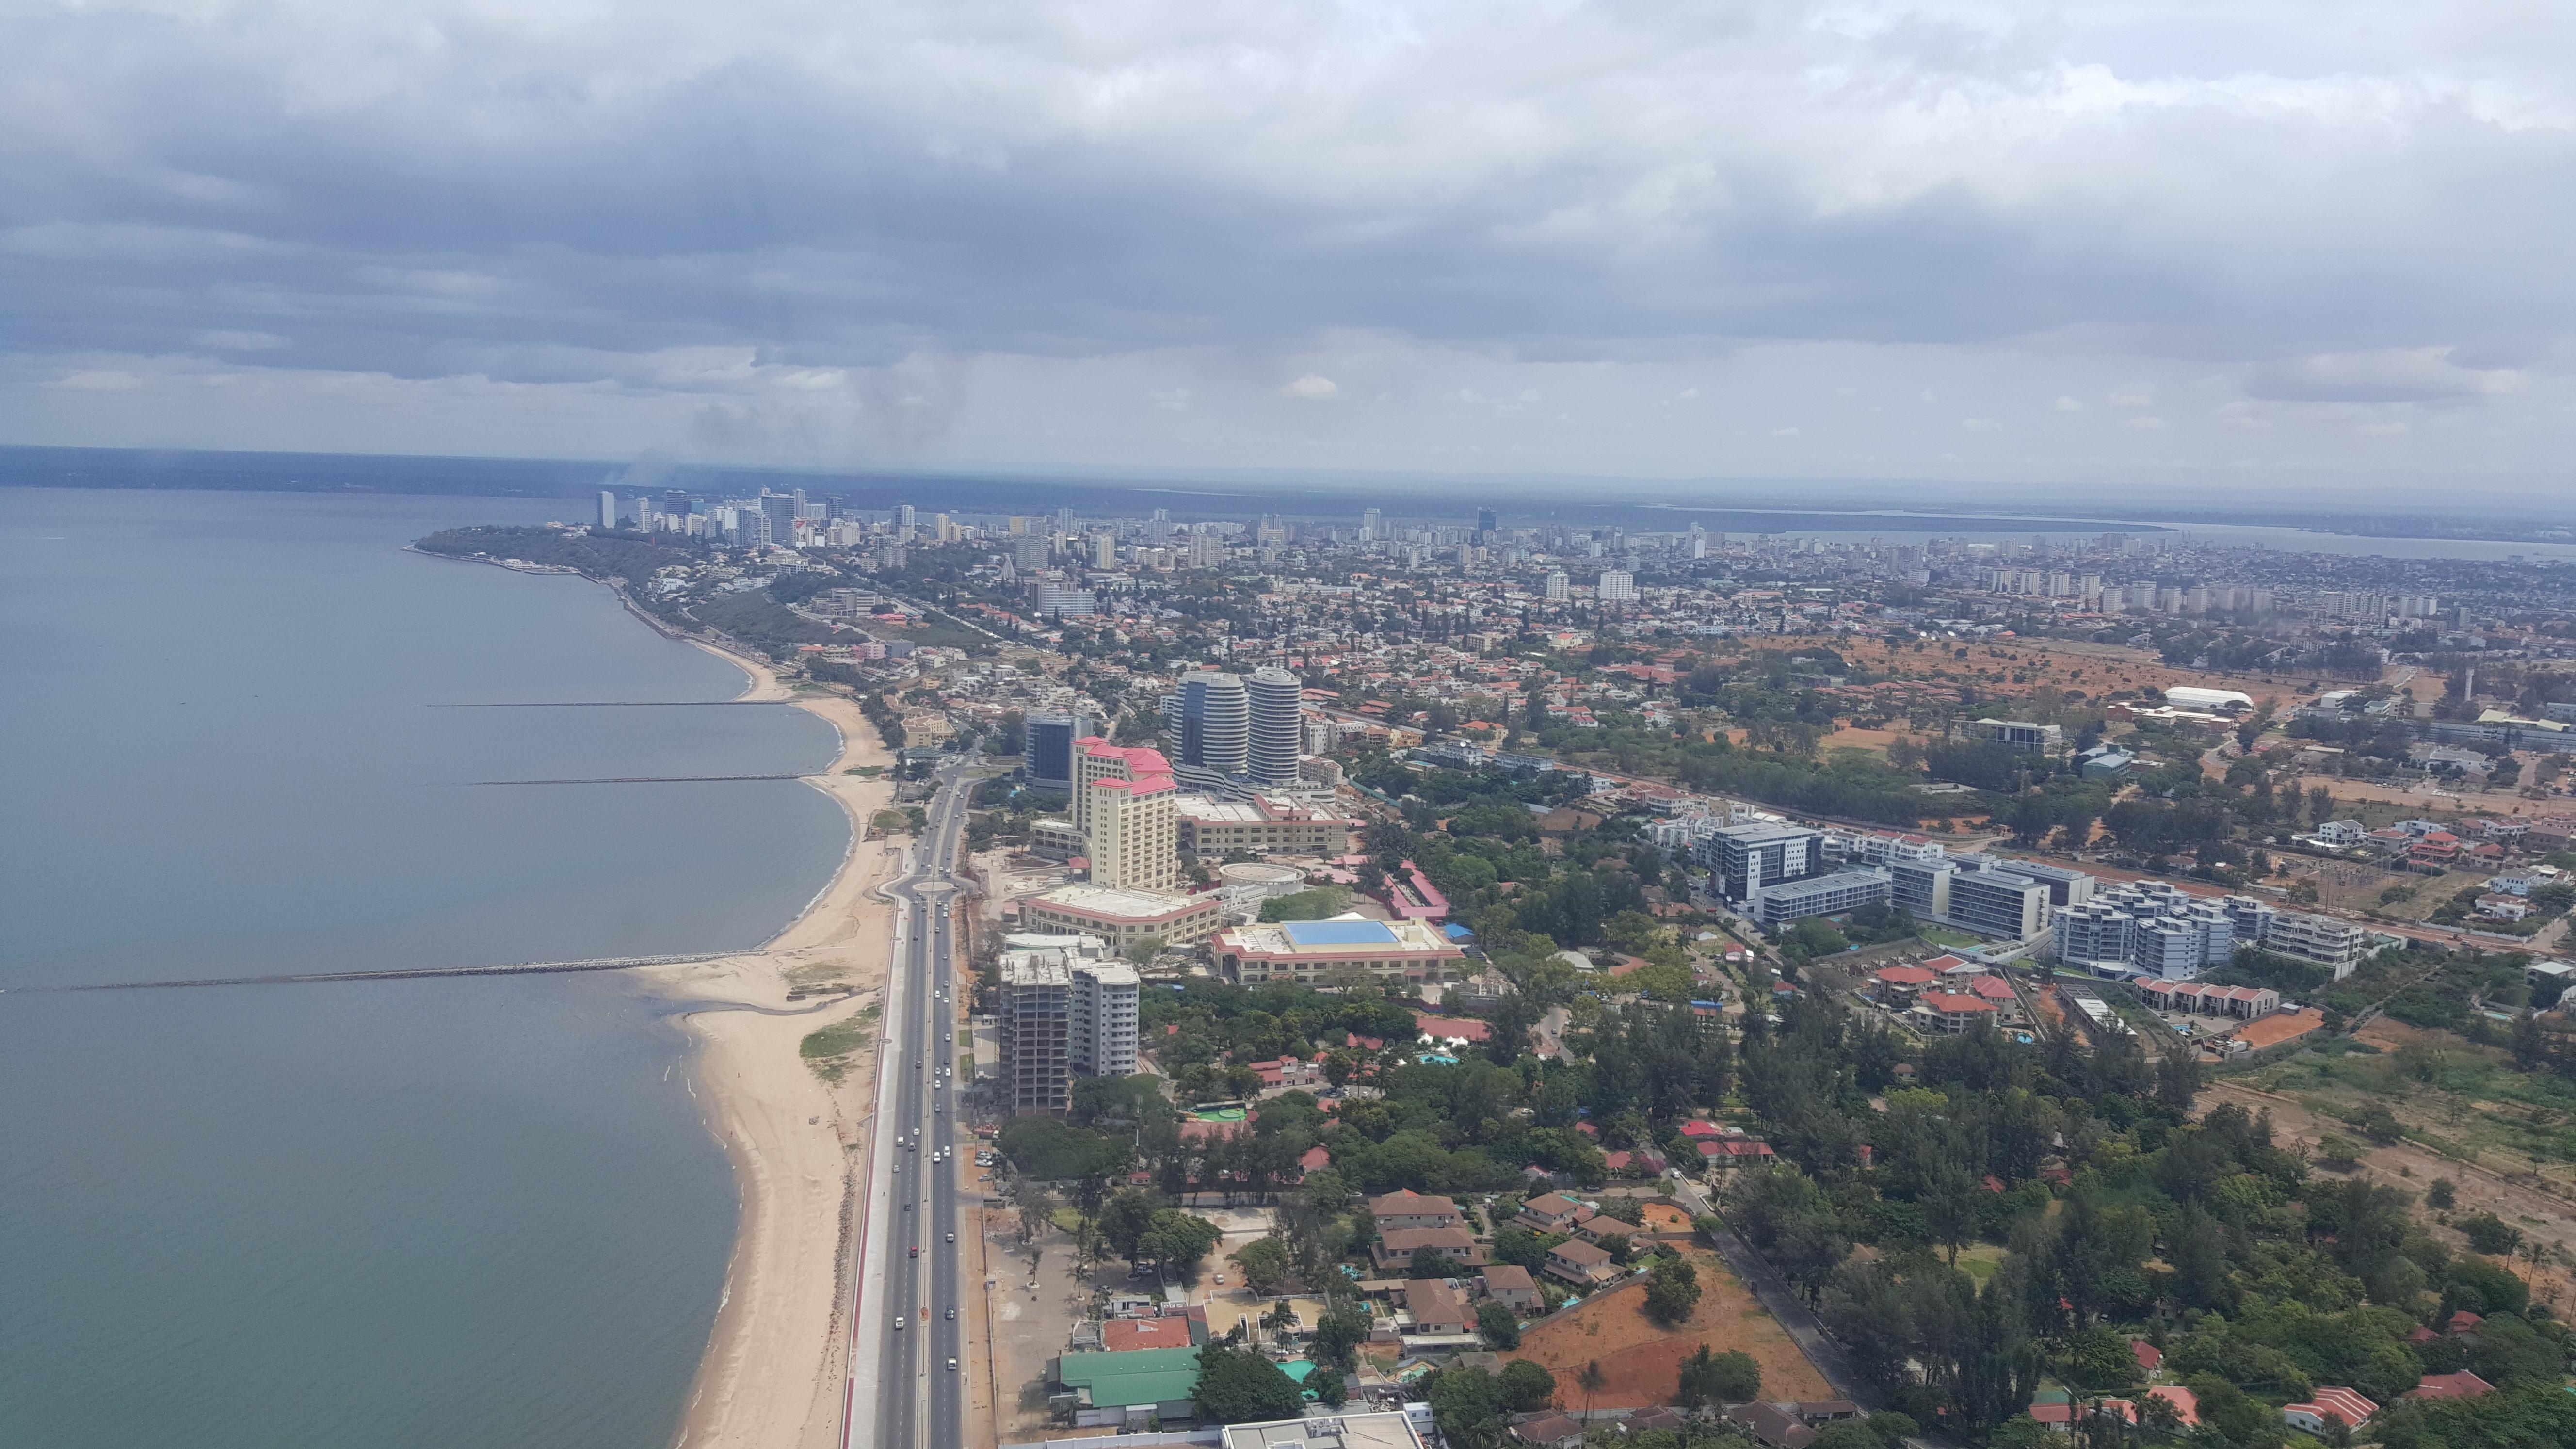 Orla de Maputo